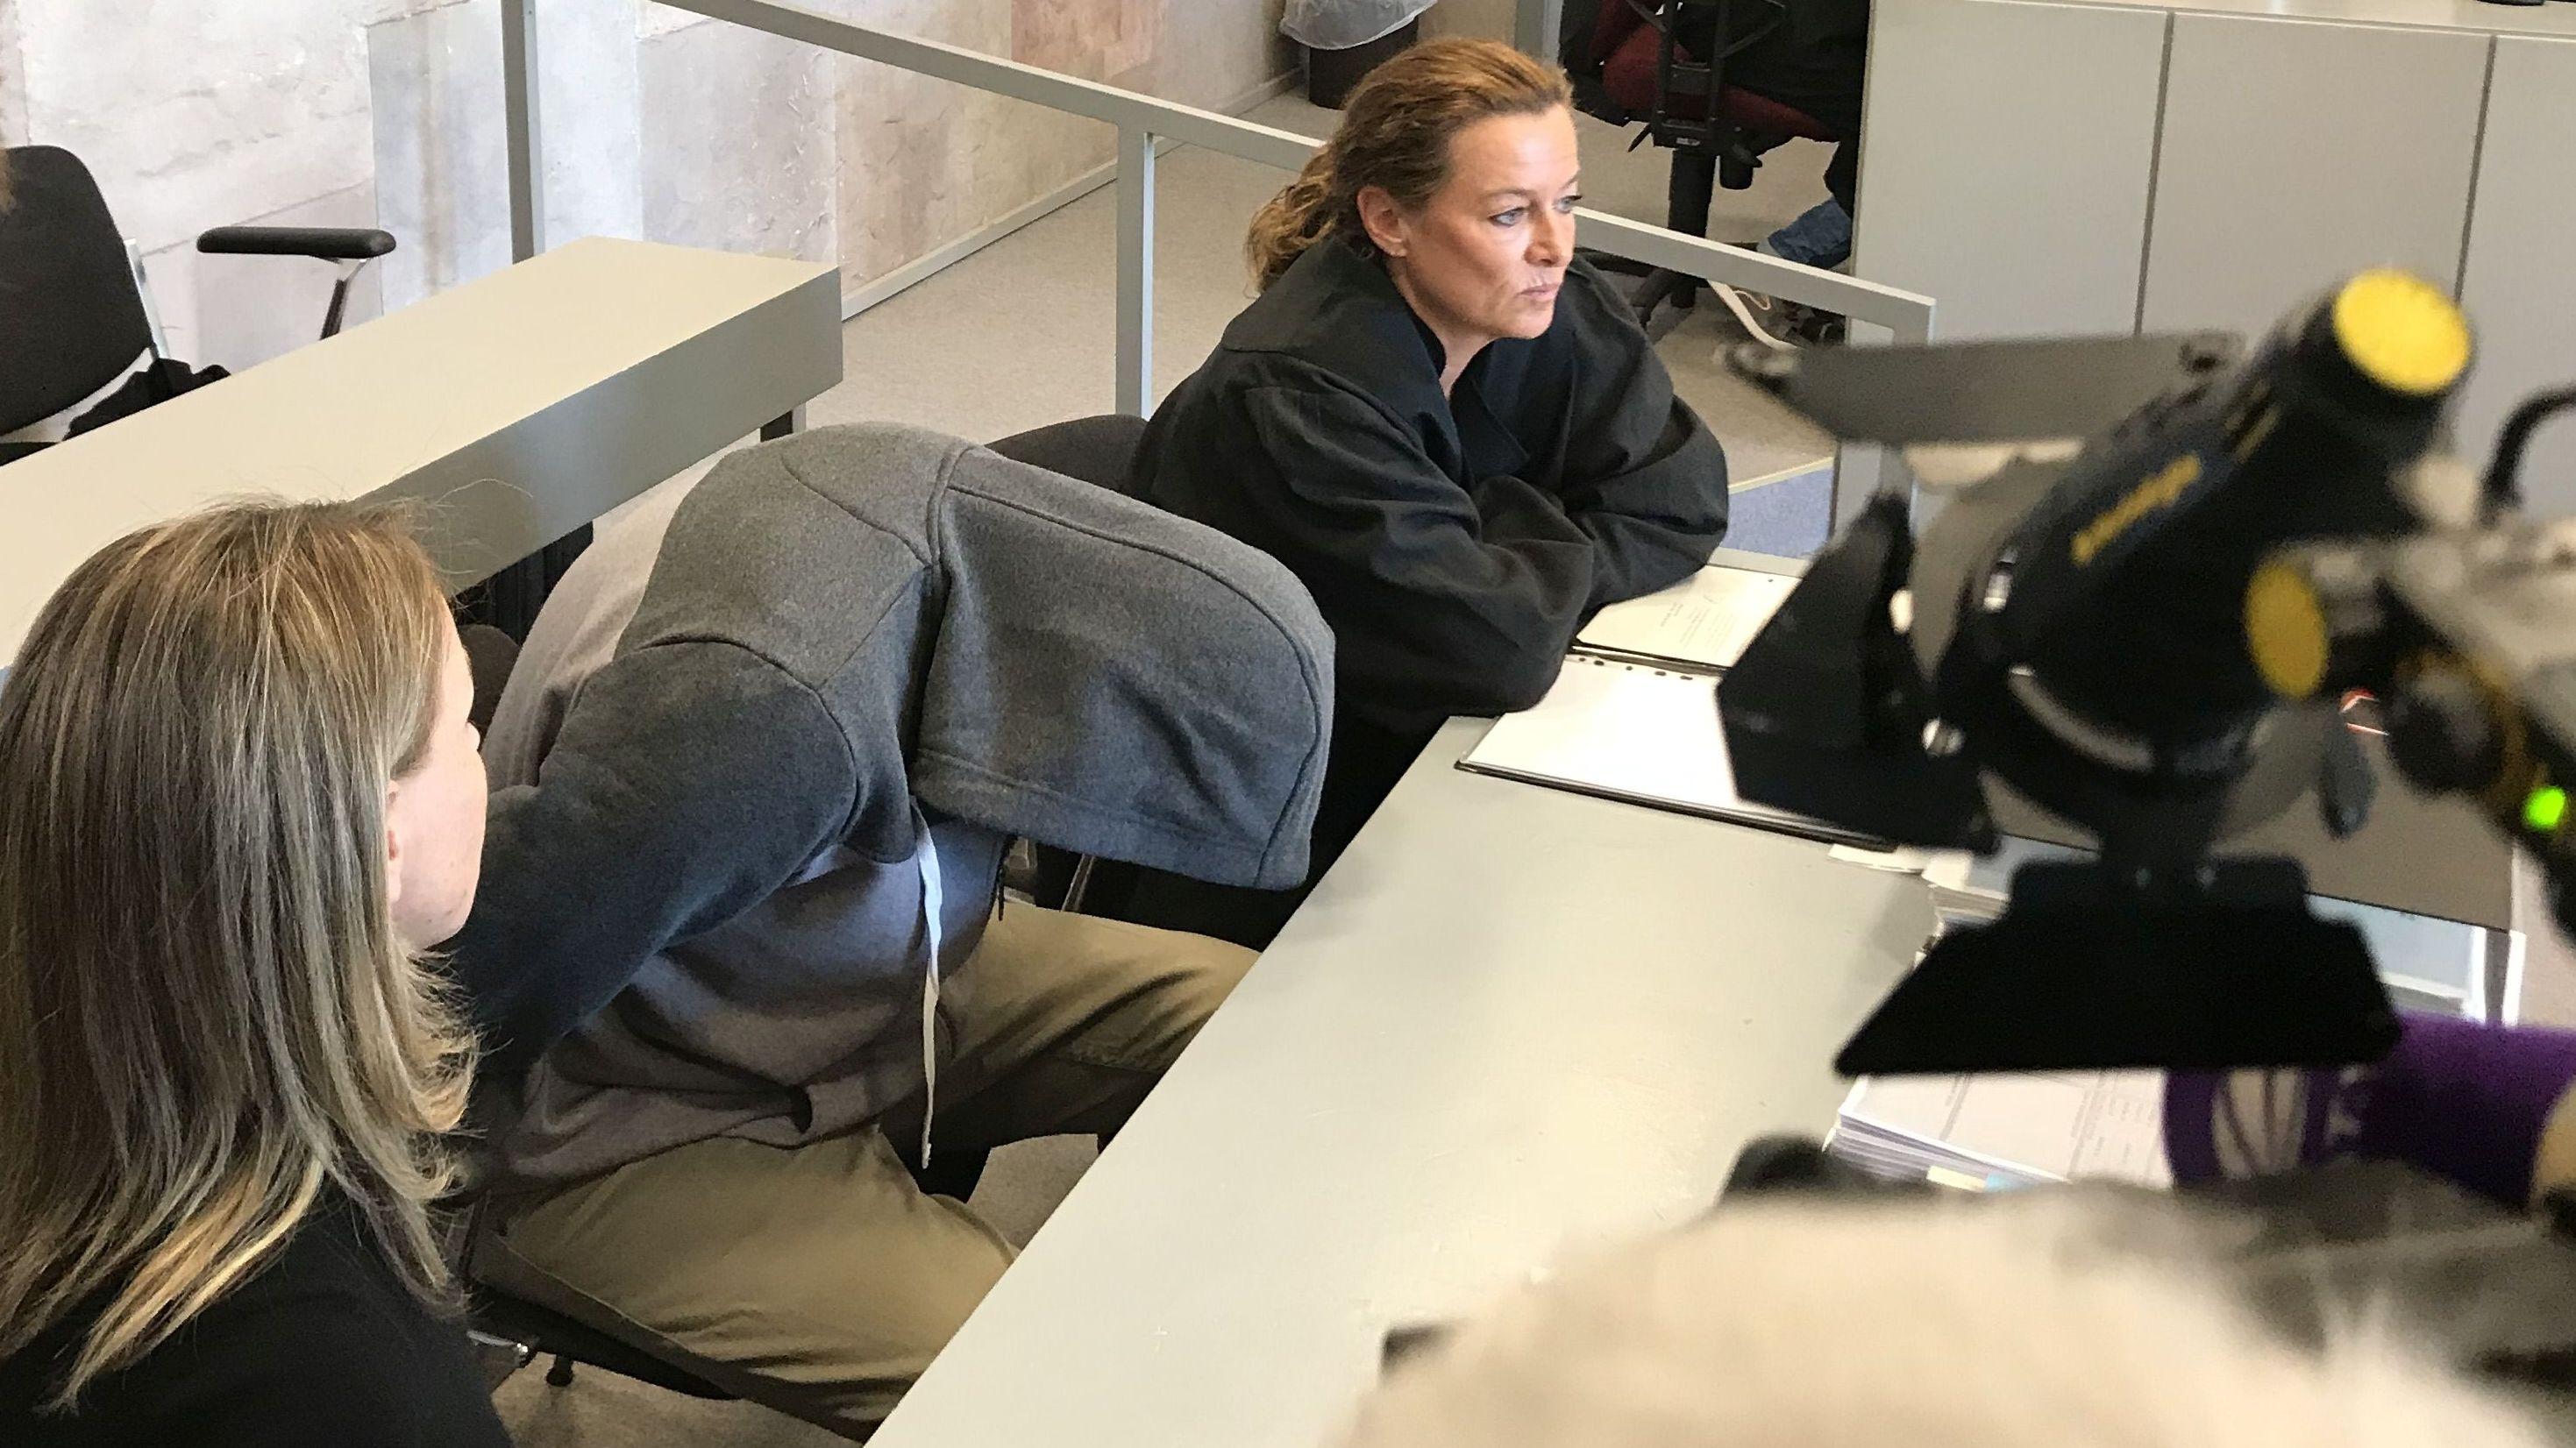 Angeklagter im Prozess am Landgericht Ansbach verbirgt sein Gesicht unter Kapuzenpulli